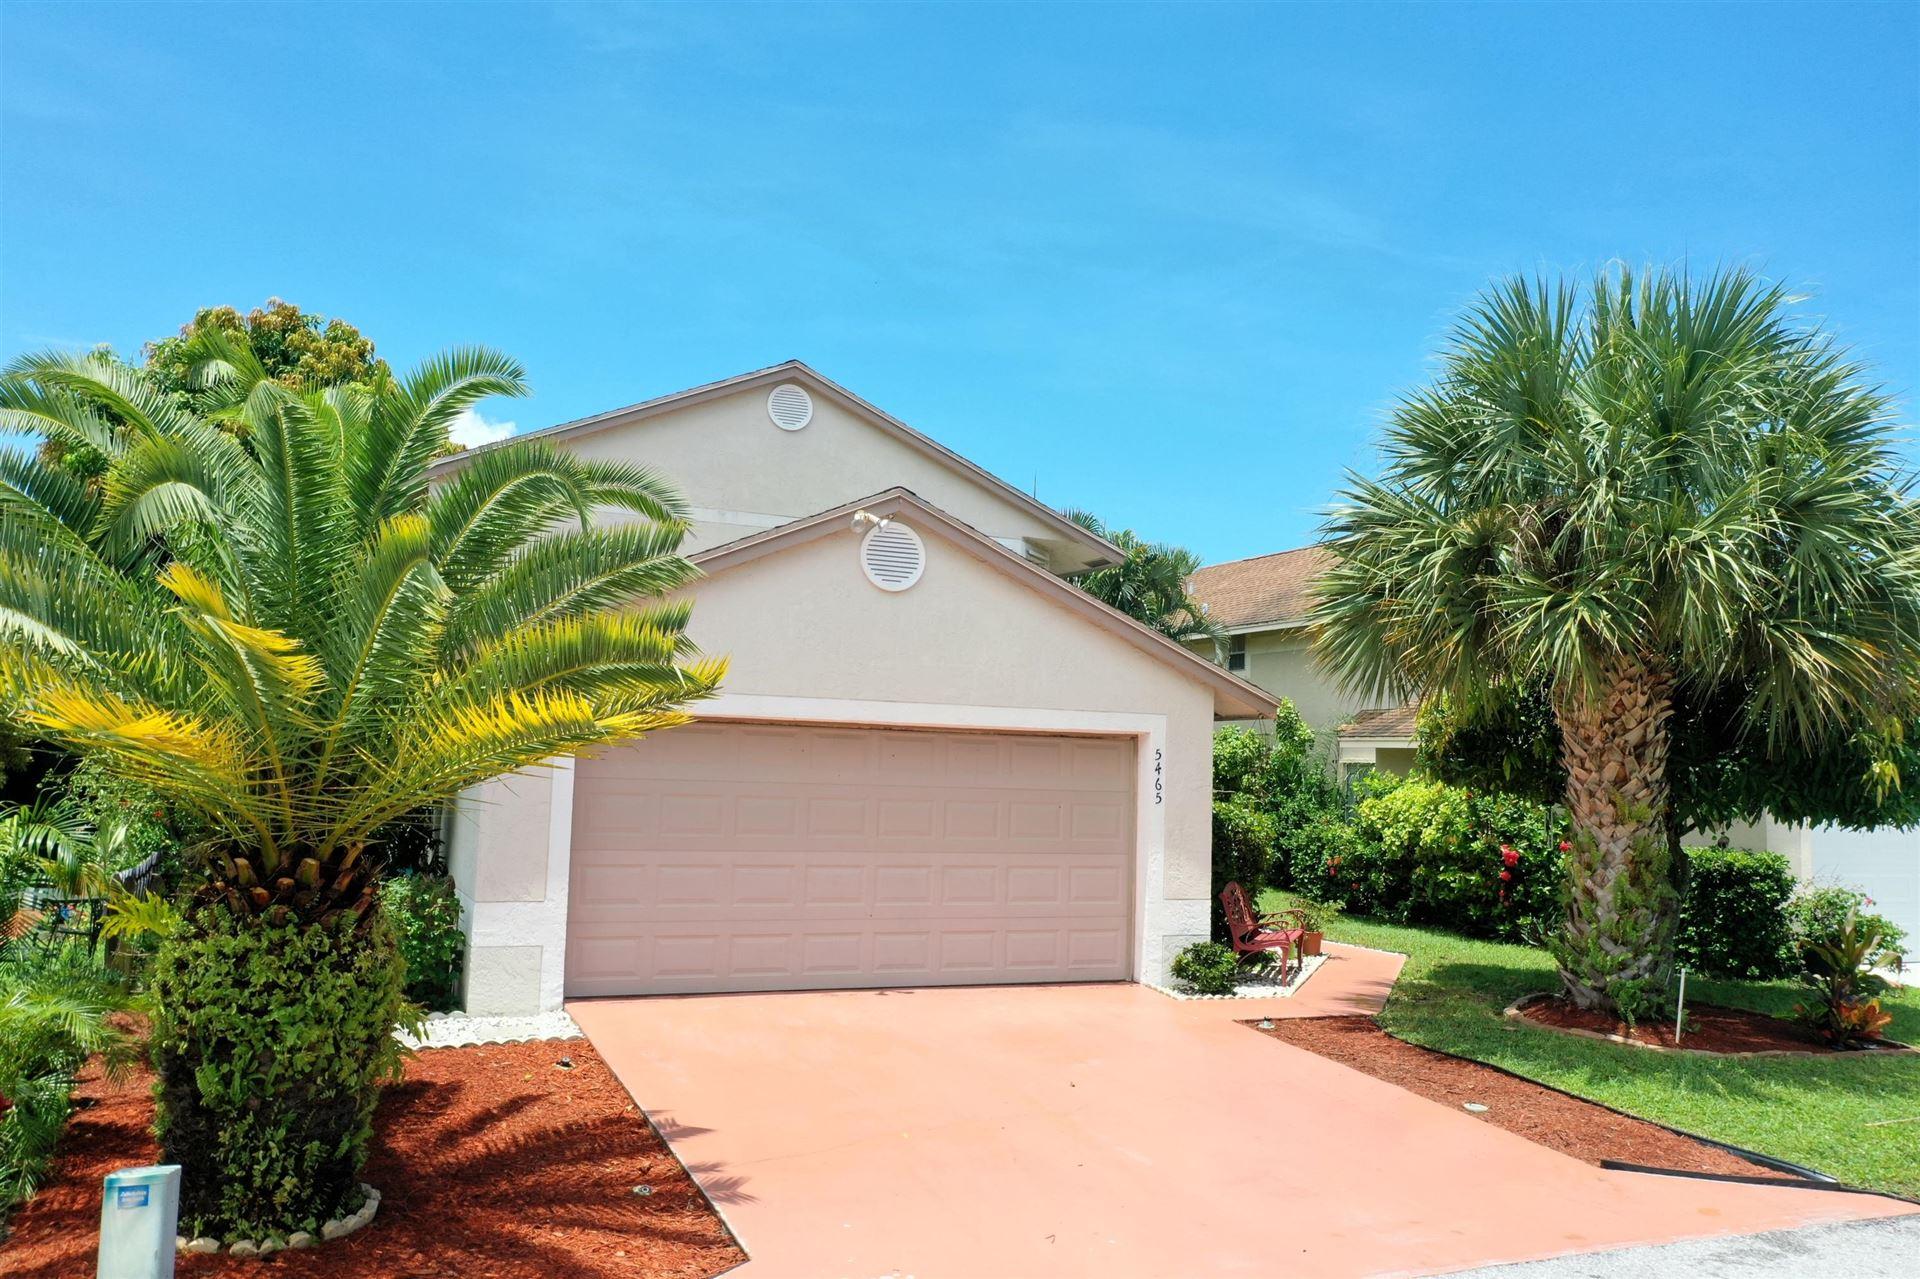 5465 Berry Blossom Way E, West Palm Beach, FL 33415 - #: RX-10636931